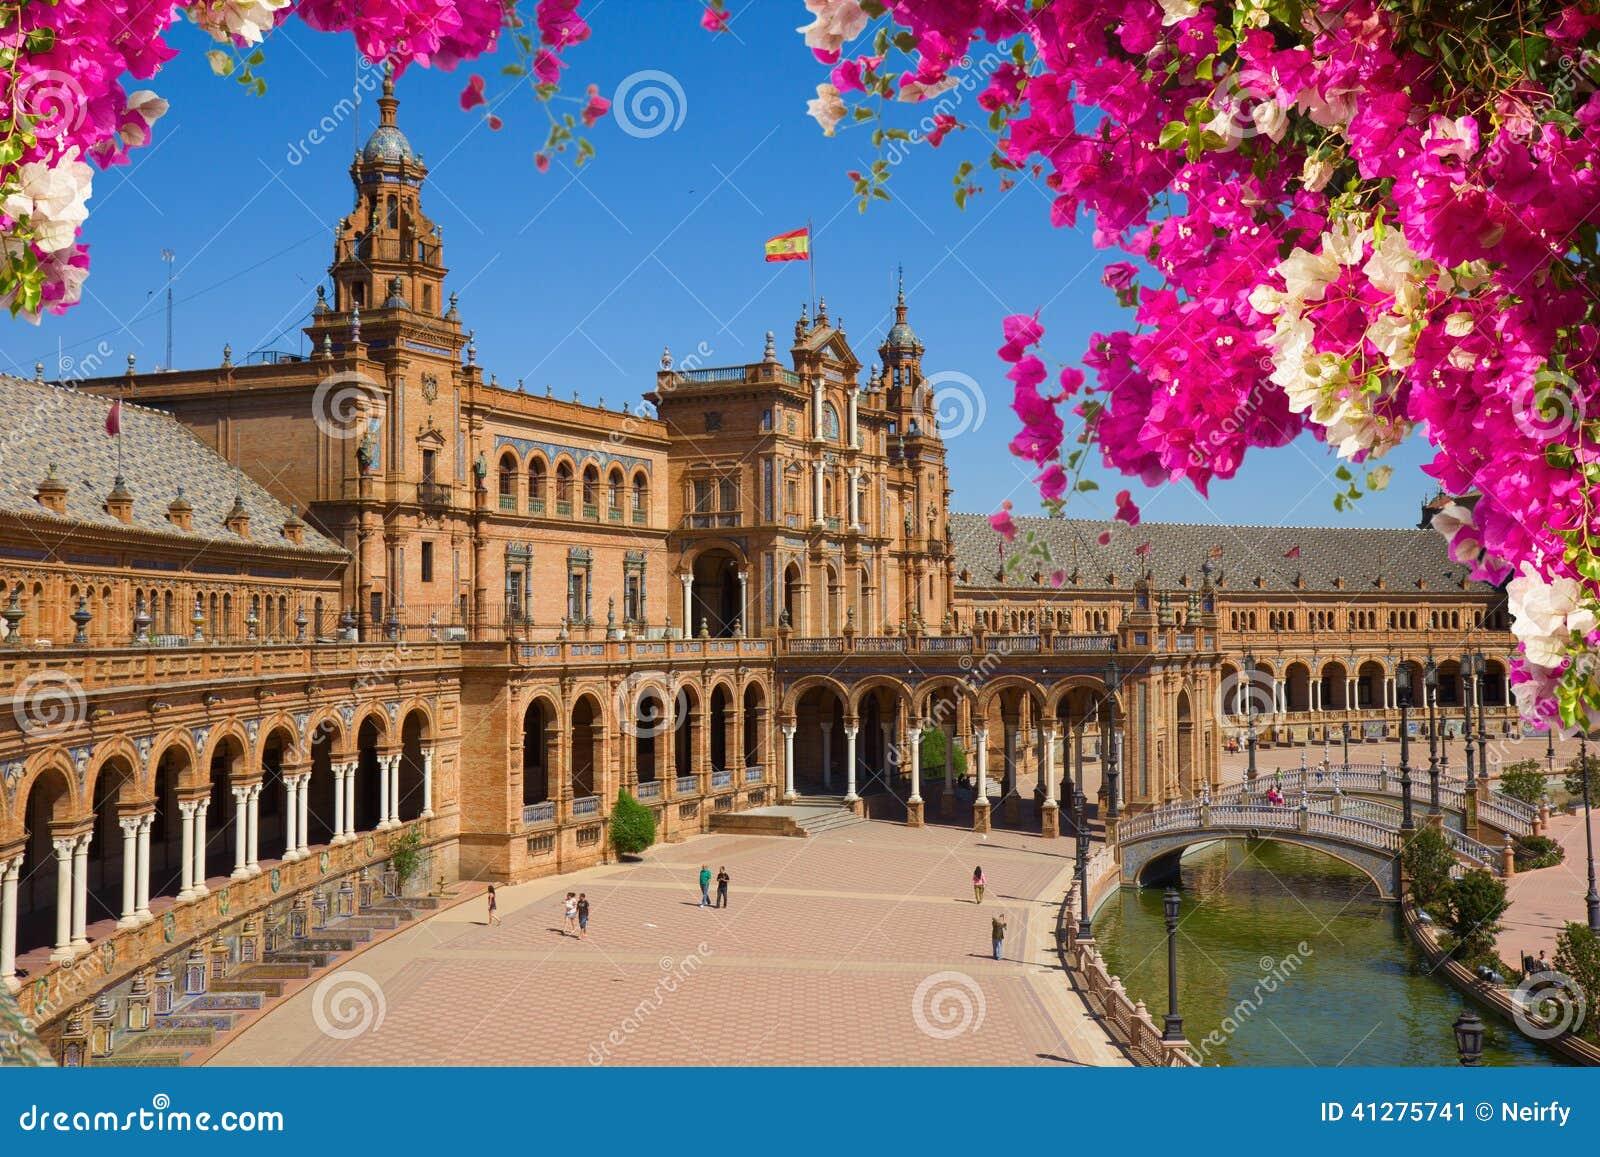 Τετράγωνο Famouse της Ισπανίας στη Σεβίλη, Ισπανία